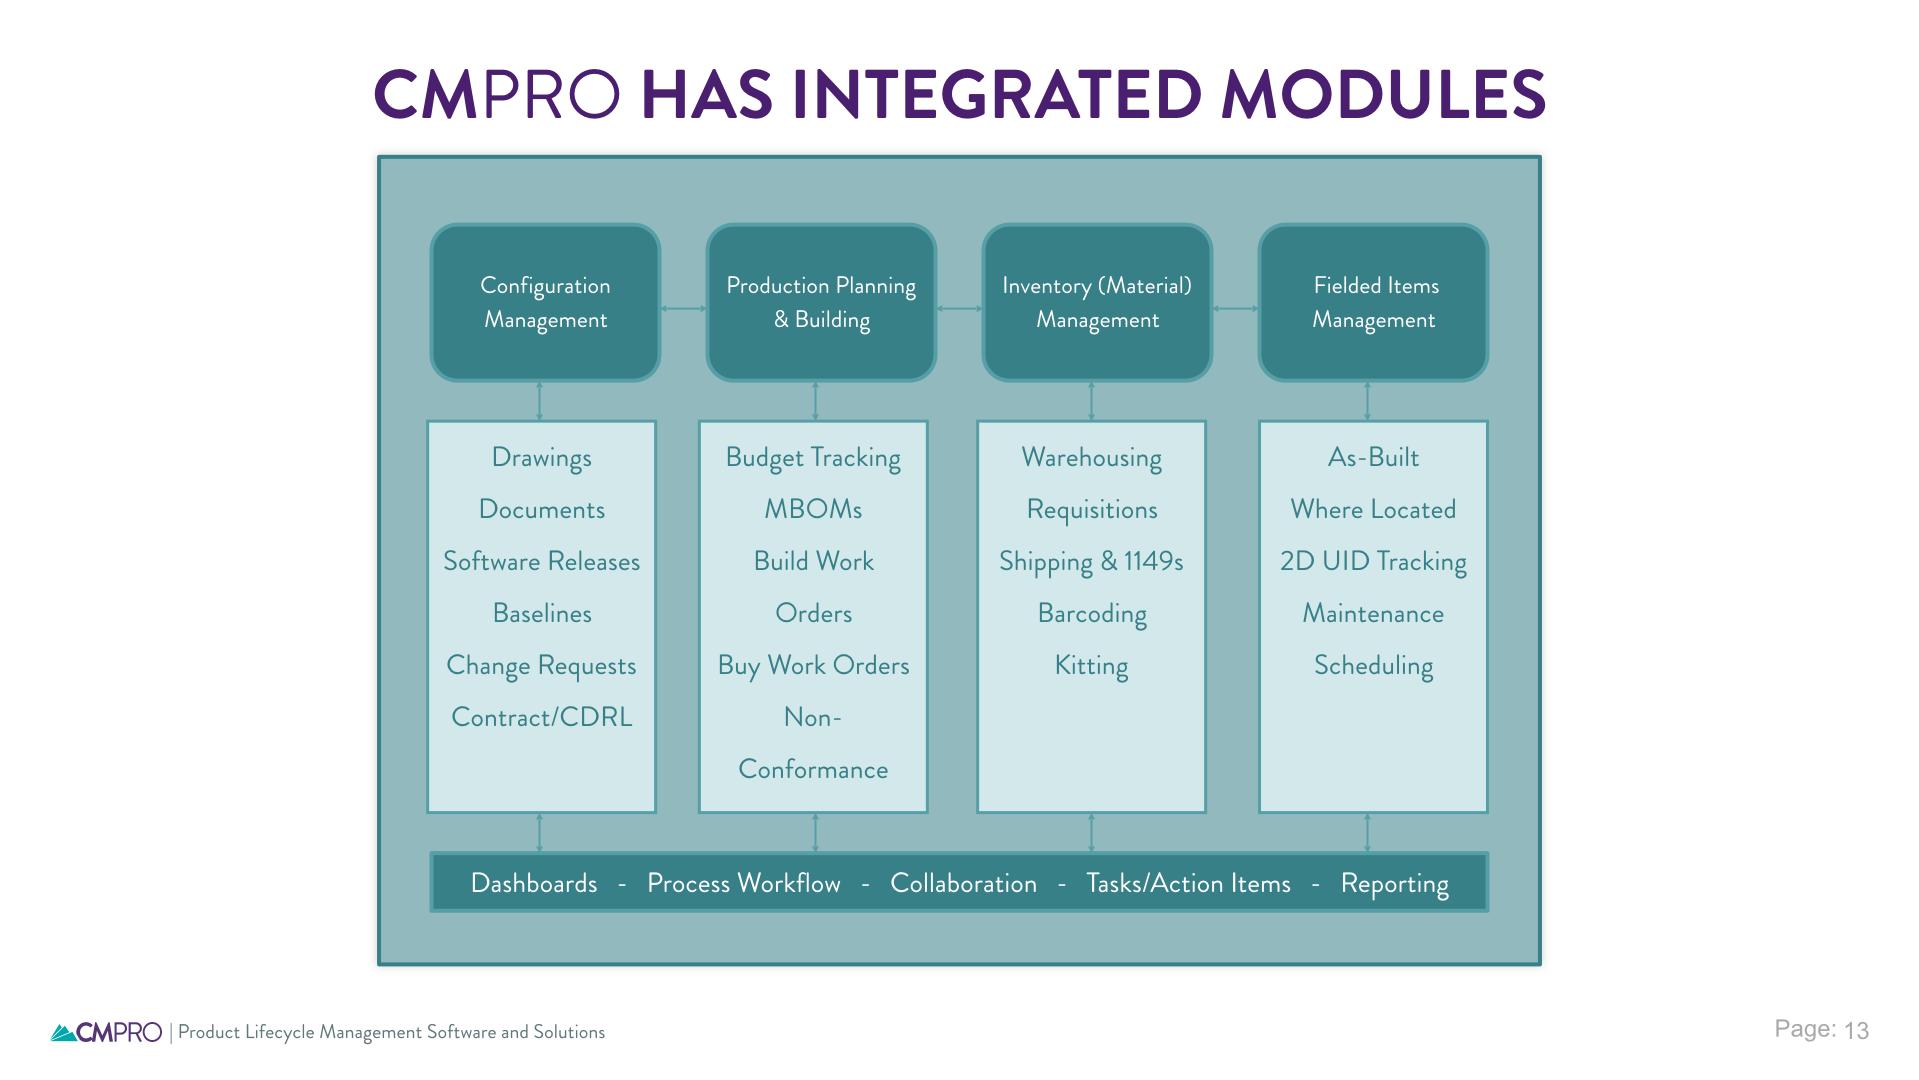 CMPRO Demo - CMPRO modules